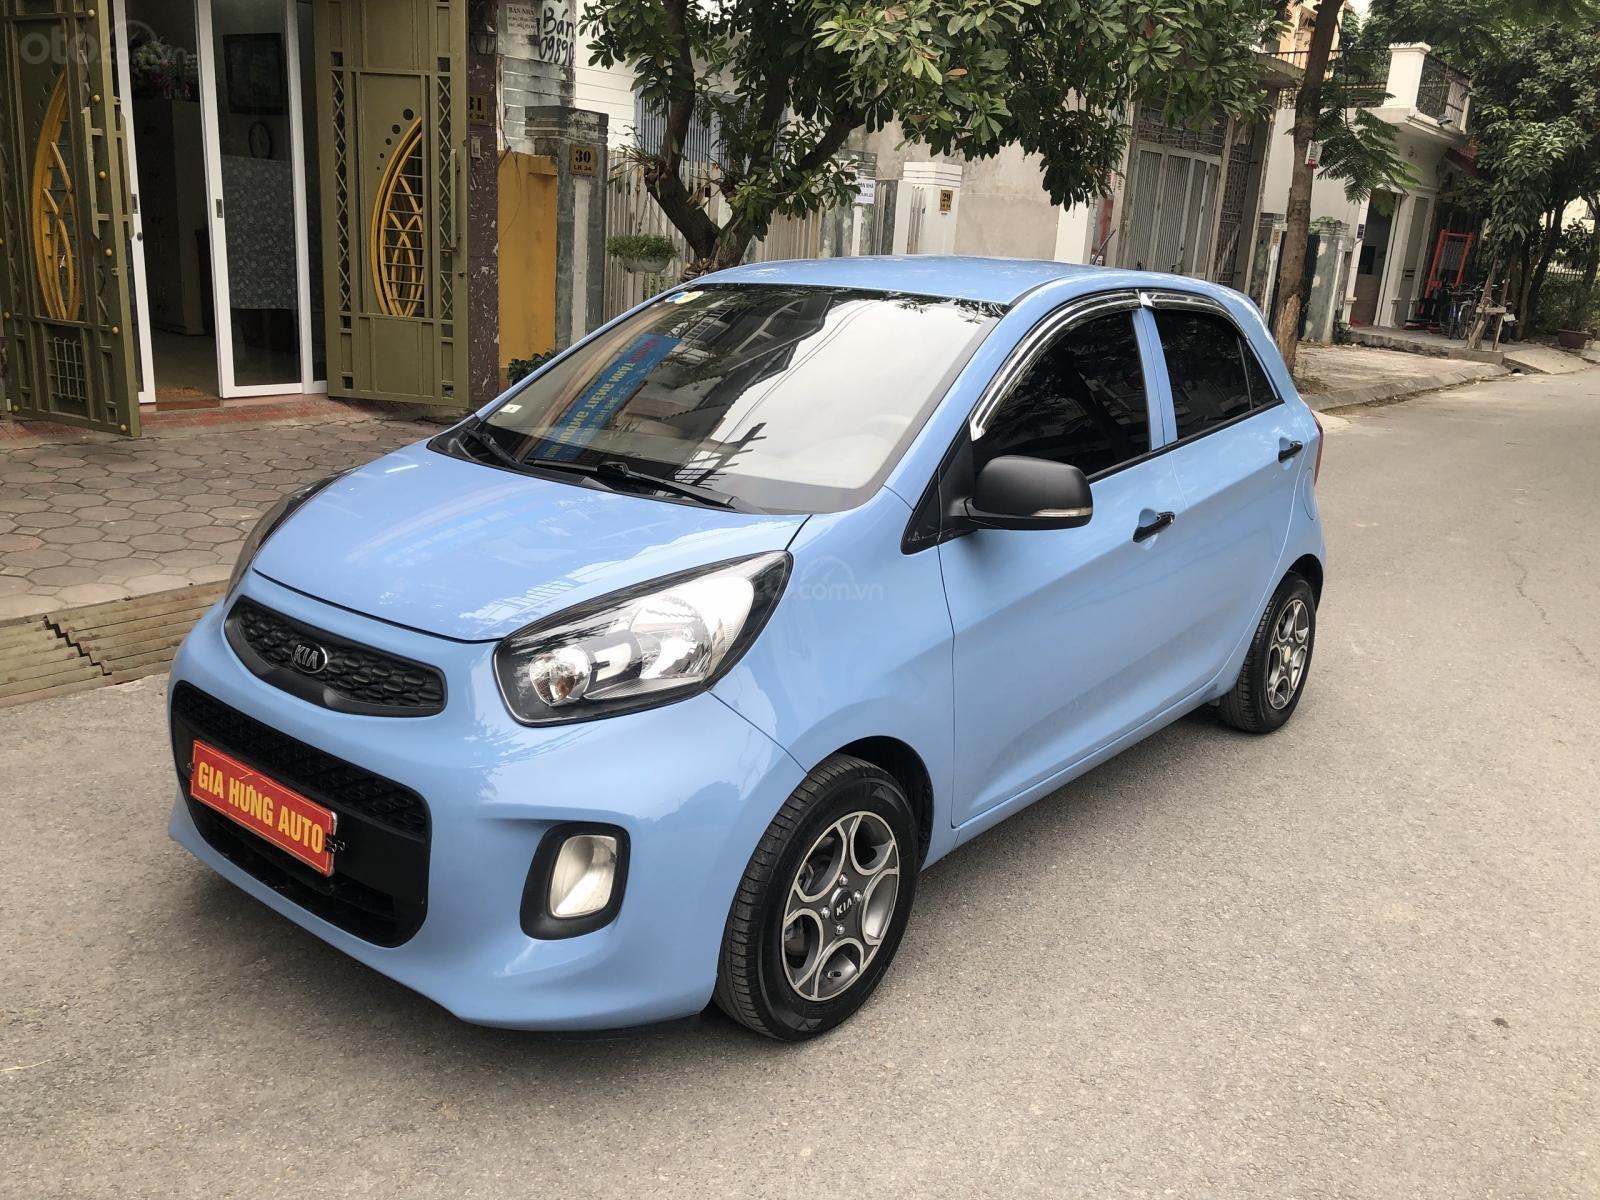 Gia Hưng Auto bán xe Kia Morning Van số tự động màu xanh sx 2016 (2)